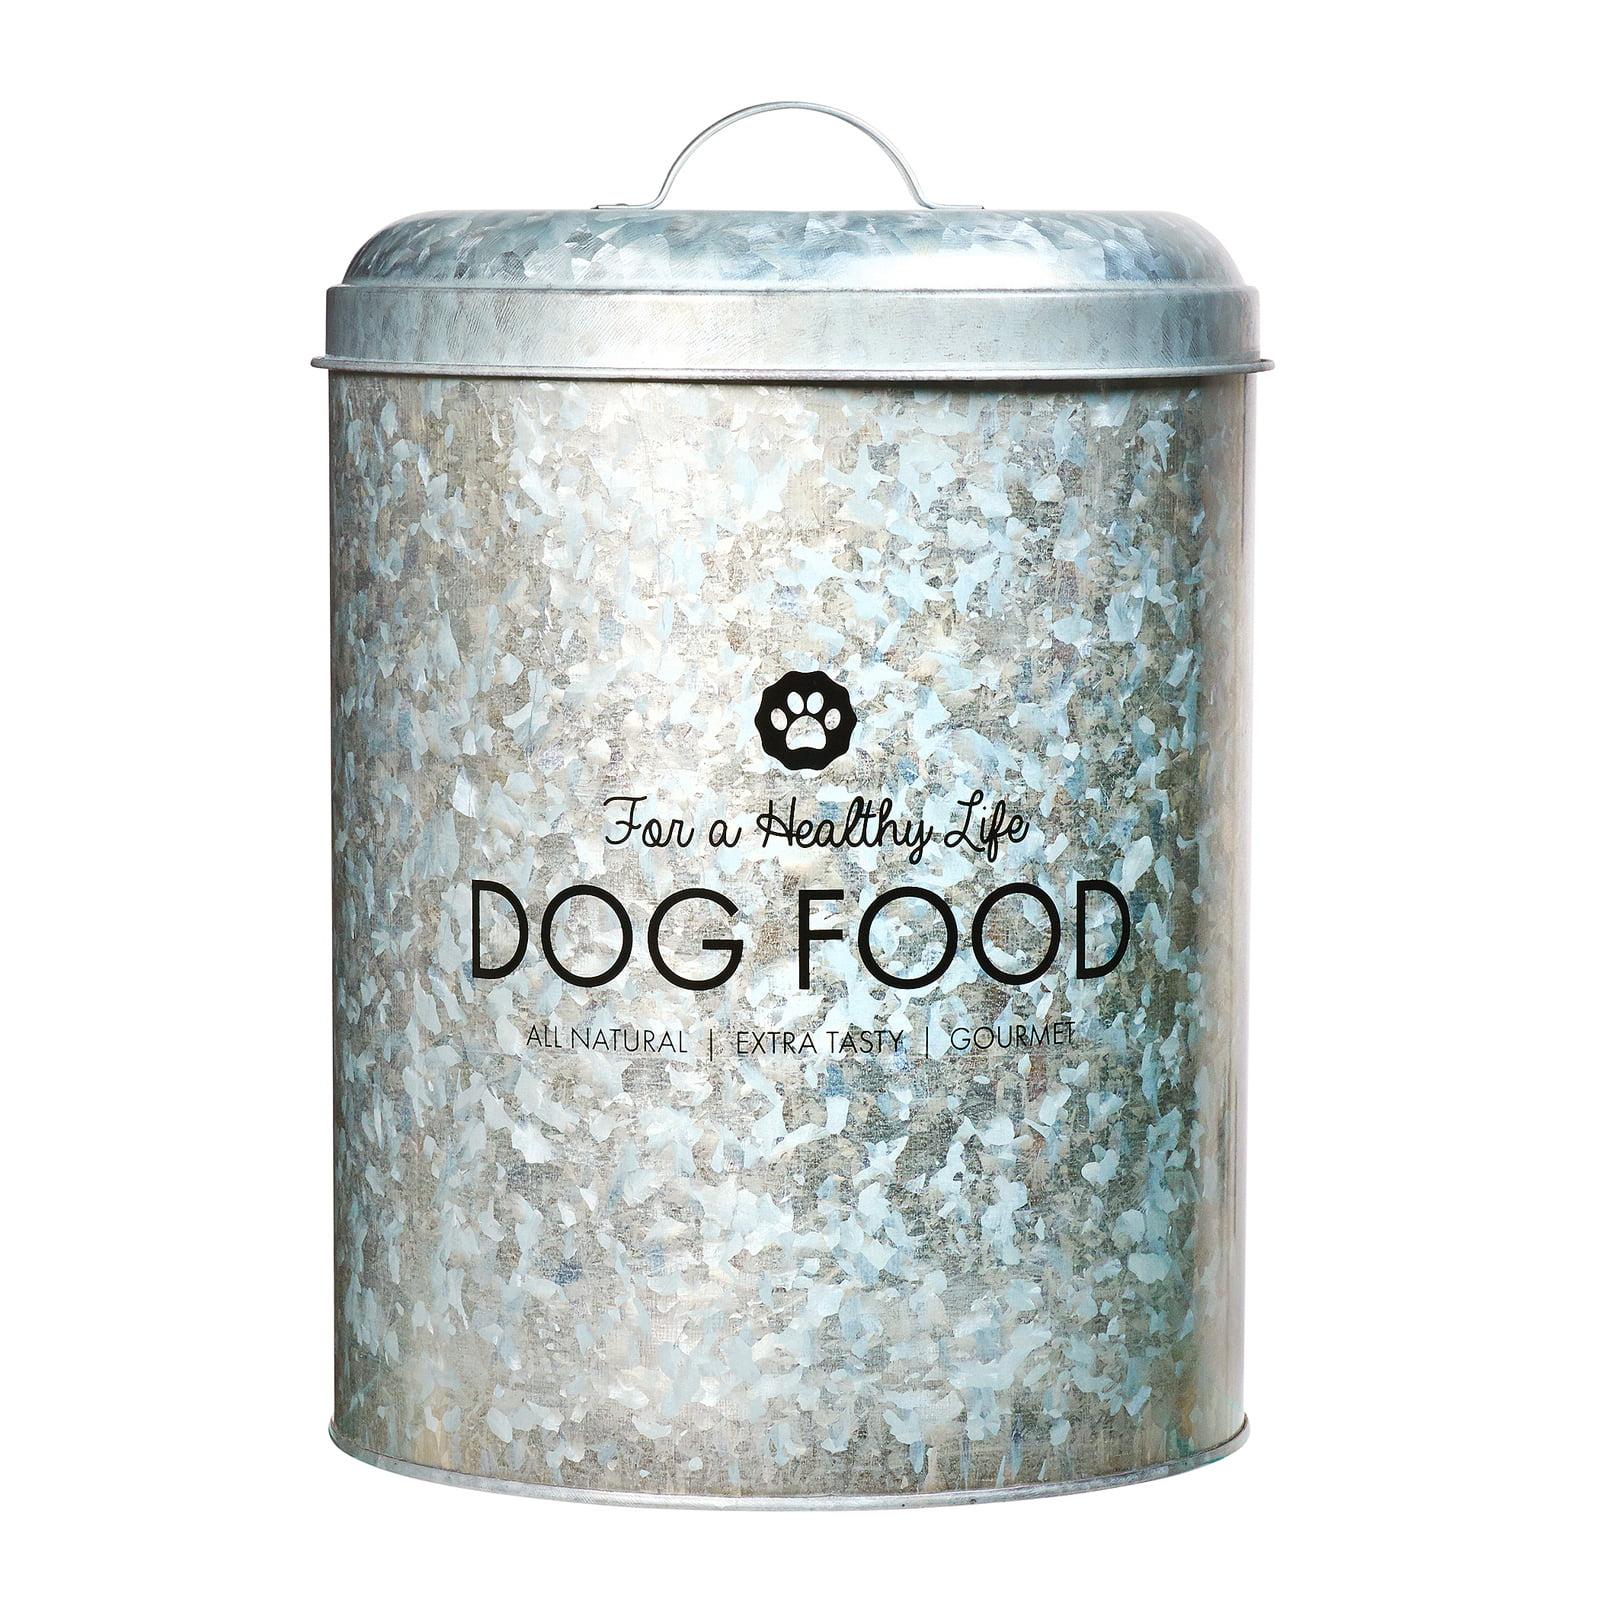 Buster Healthy Life Dog Food Bin 17 Lbs Walmartcom